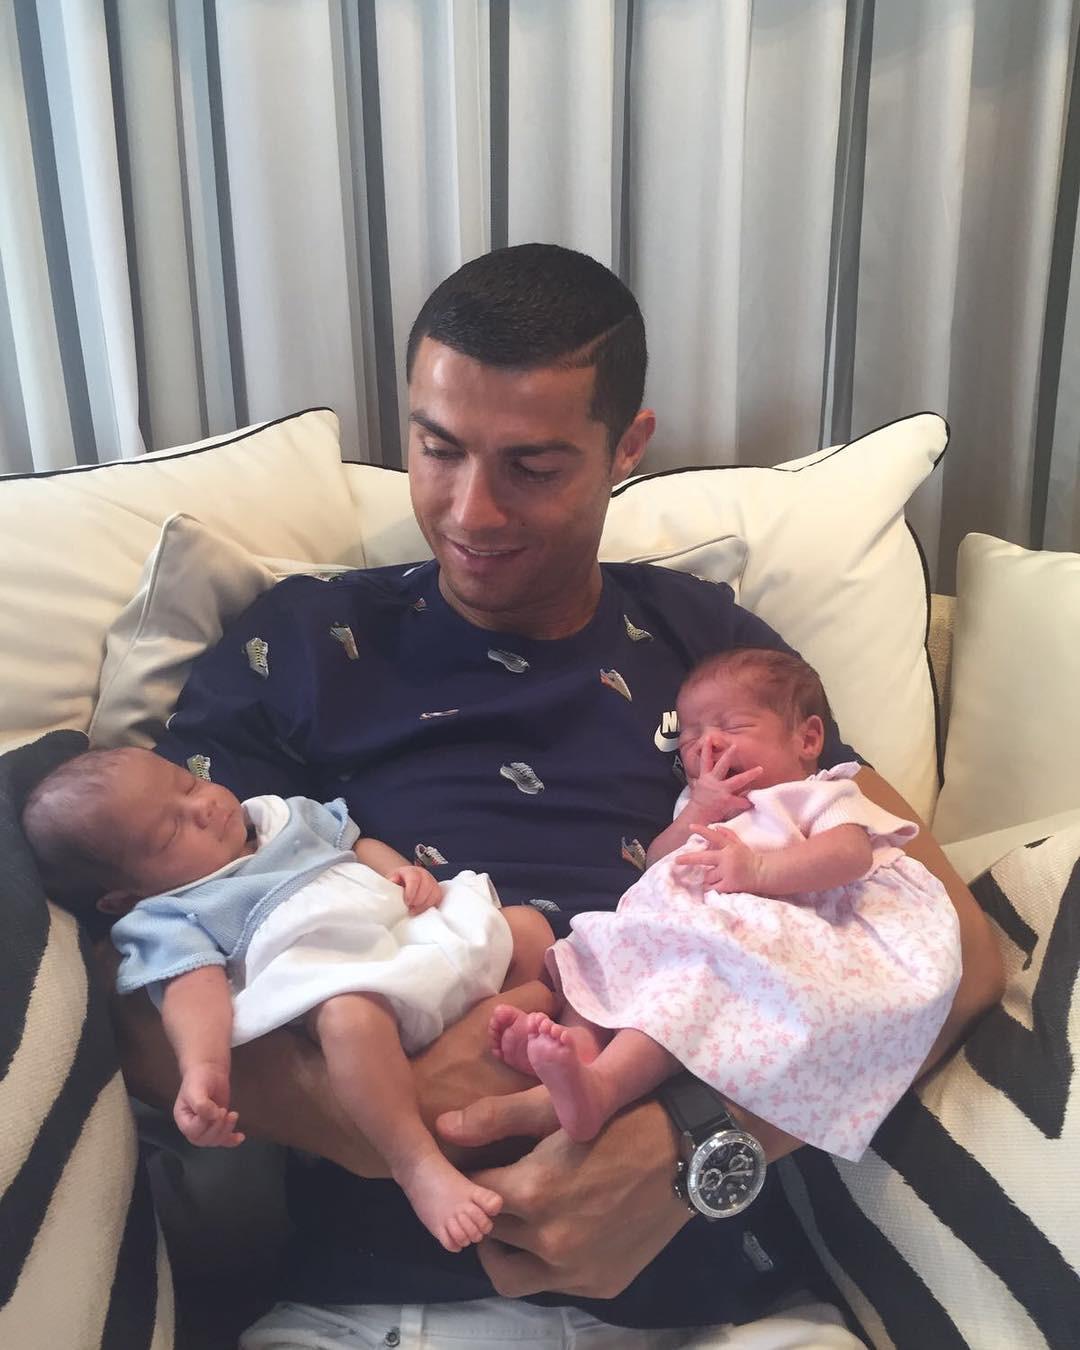 10 bức ảnh nhiều Like nhất Instagram: Toàn thấy Selena Gomez, Ronaldo và... trẻ con - Ảnh 6.